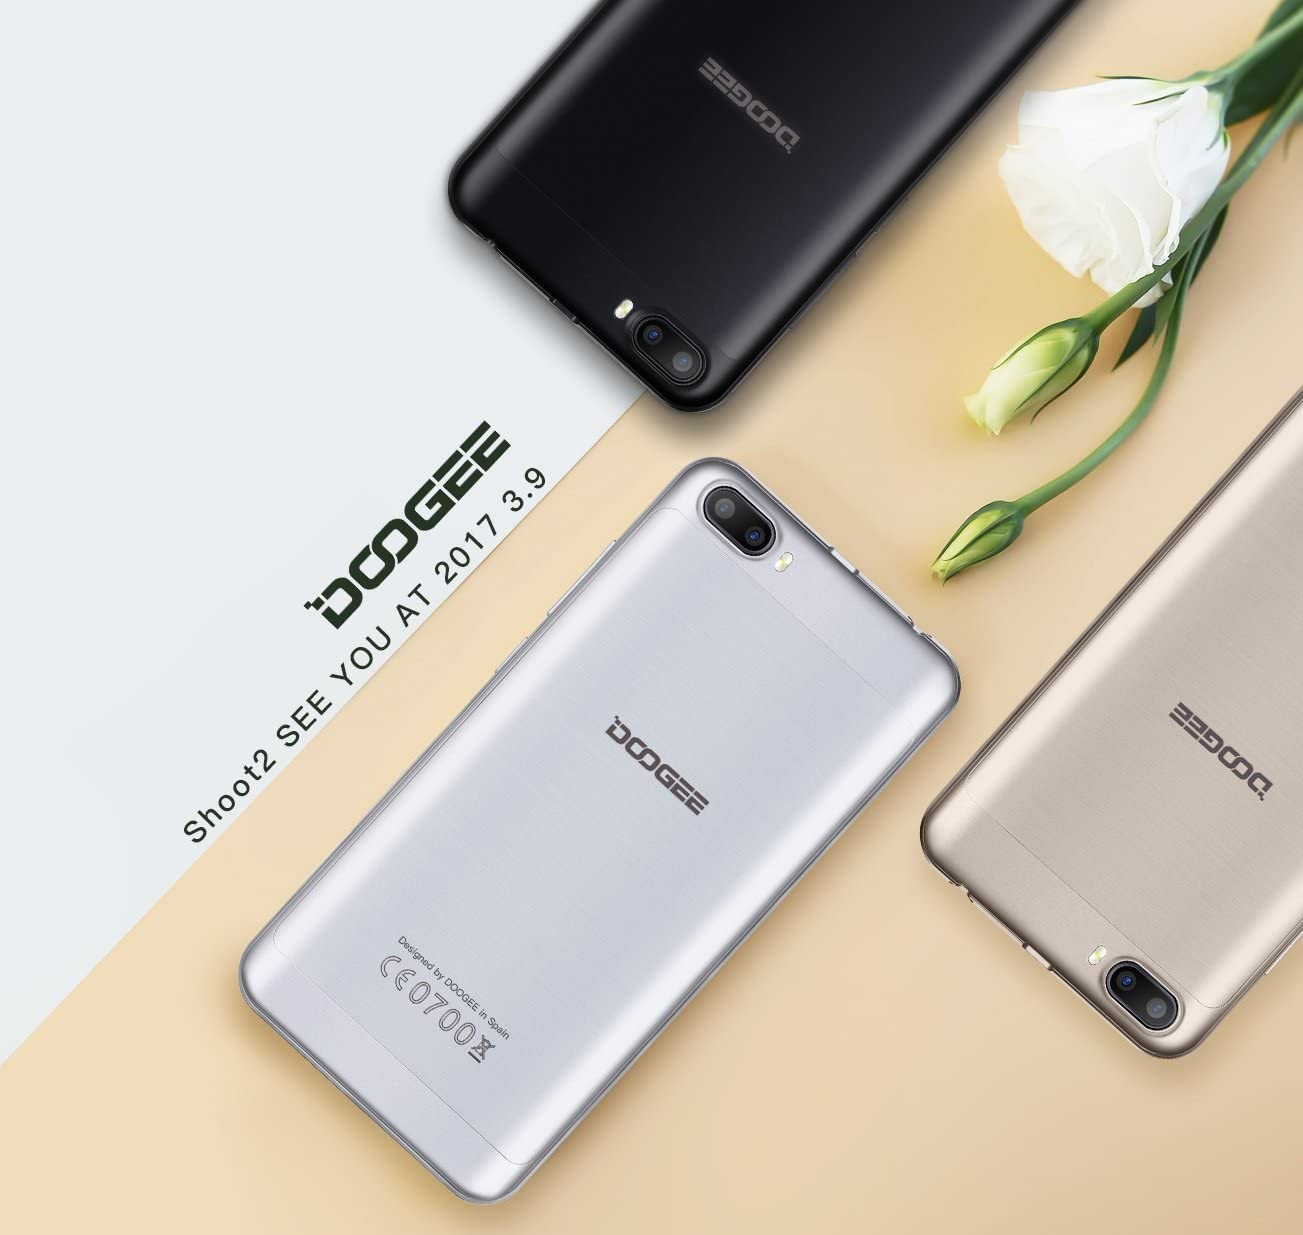 DOOGEE Shoot 2 5.0 pulgadas Android 7.0 Smartphone MT6580A Quad Core 1 GB de RAM 8 GB de ROM 5.0 HD 2.5D Dual SIM 3300mAh de huellas dactilares Smartphone (Plata): Amazon.es: Electrónica